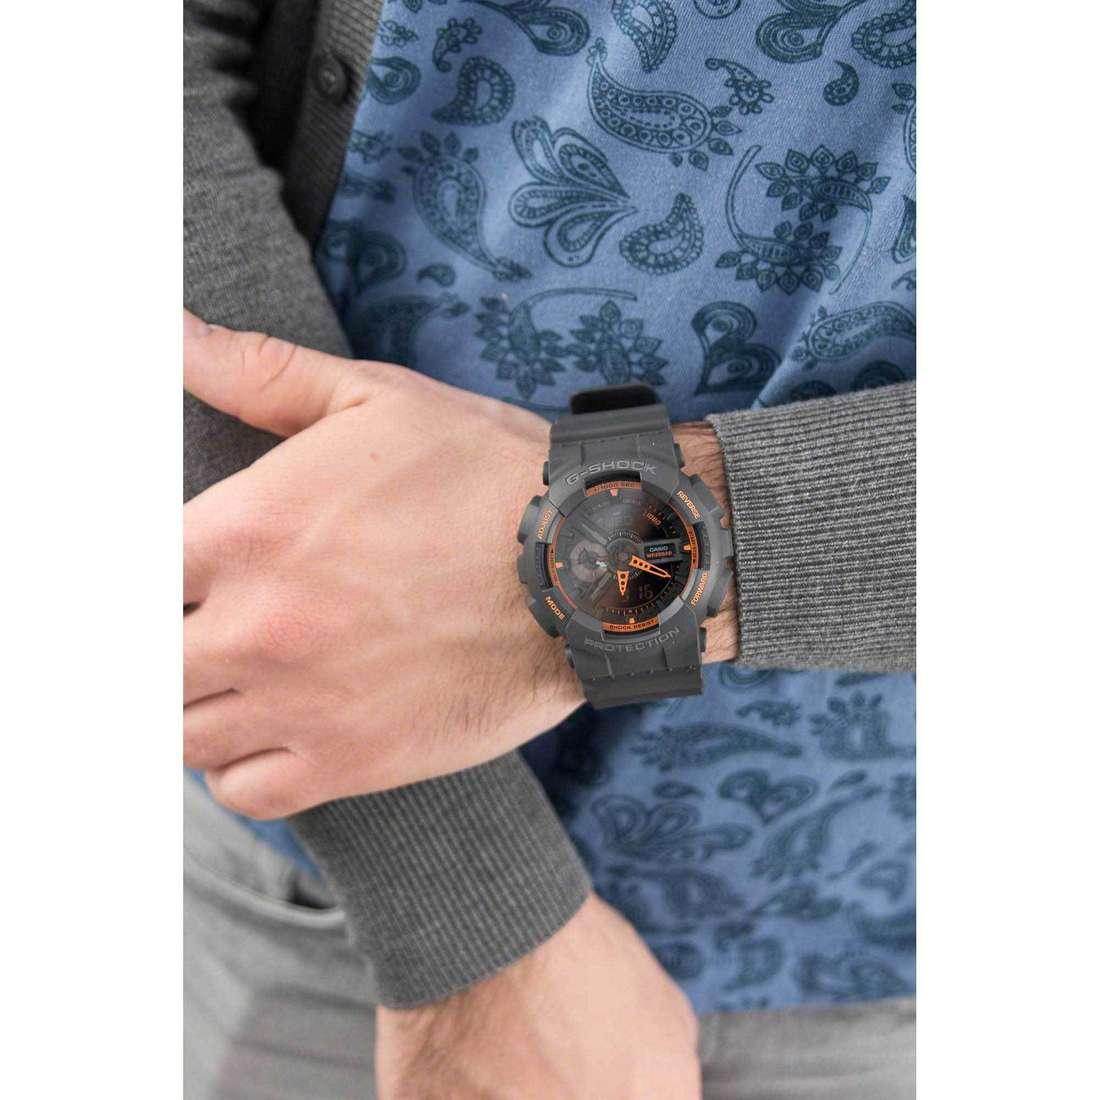 Casio digitali G-Shock uomo GA-110TS-1A4ER indosso